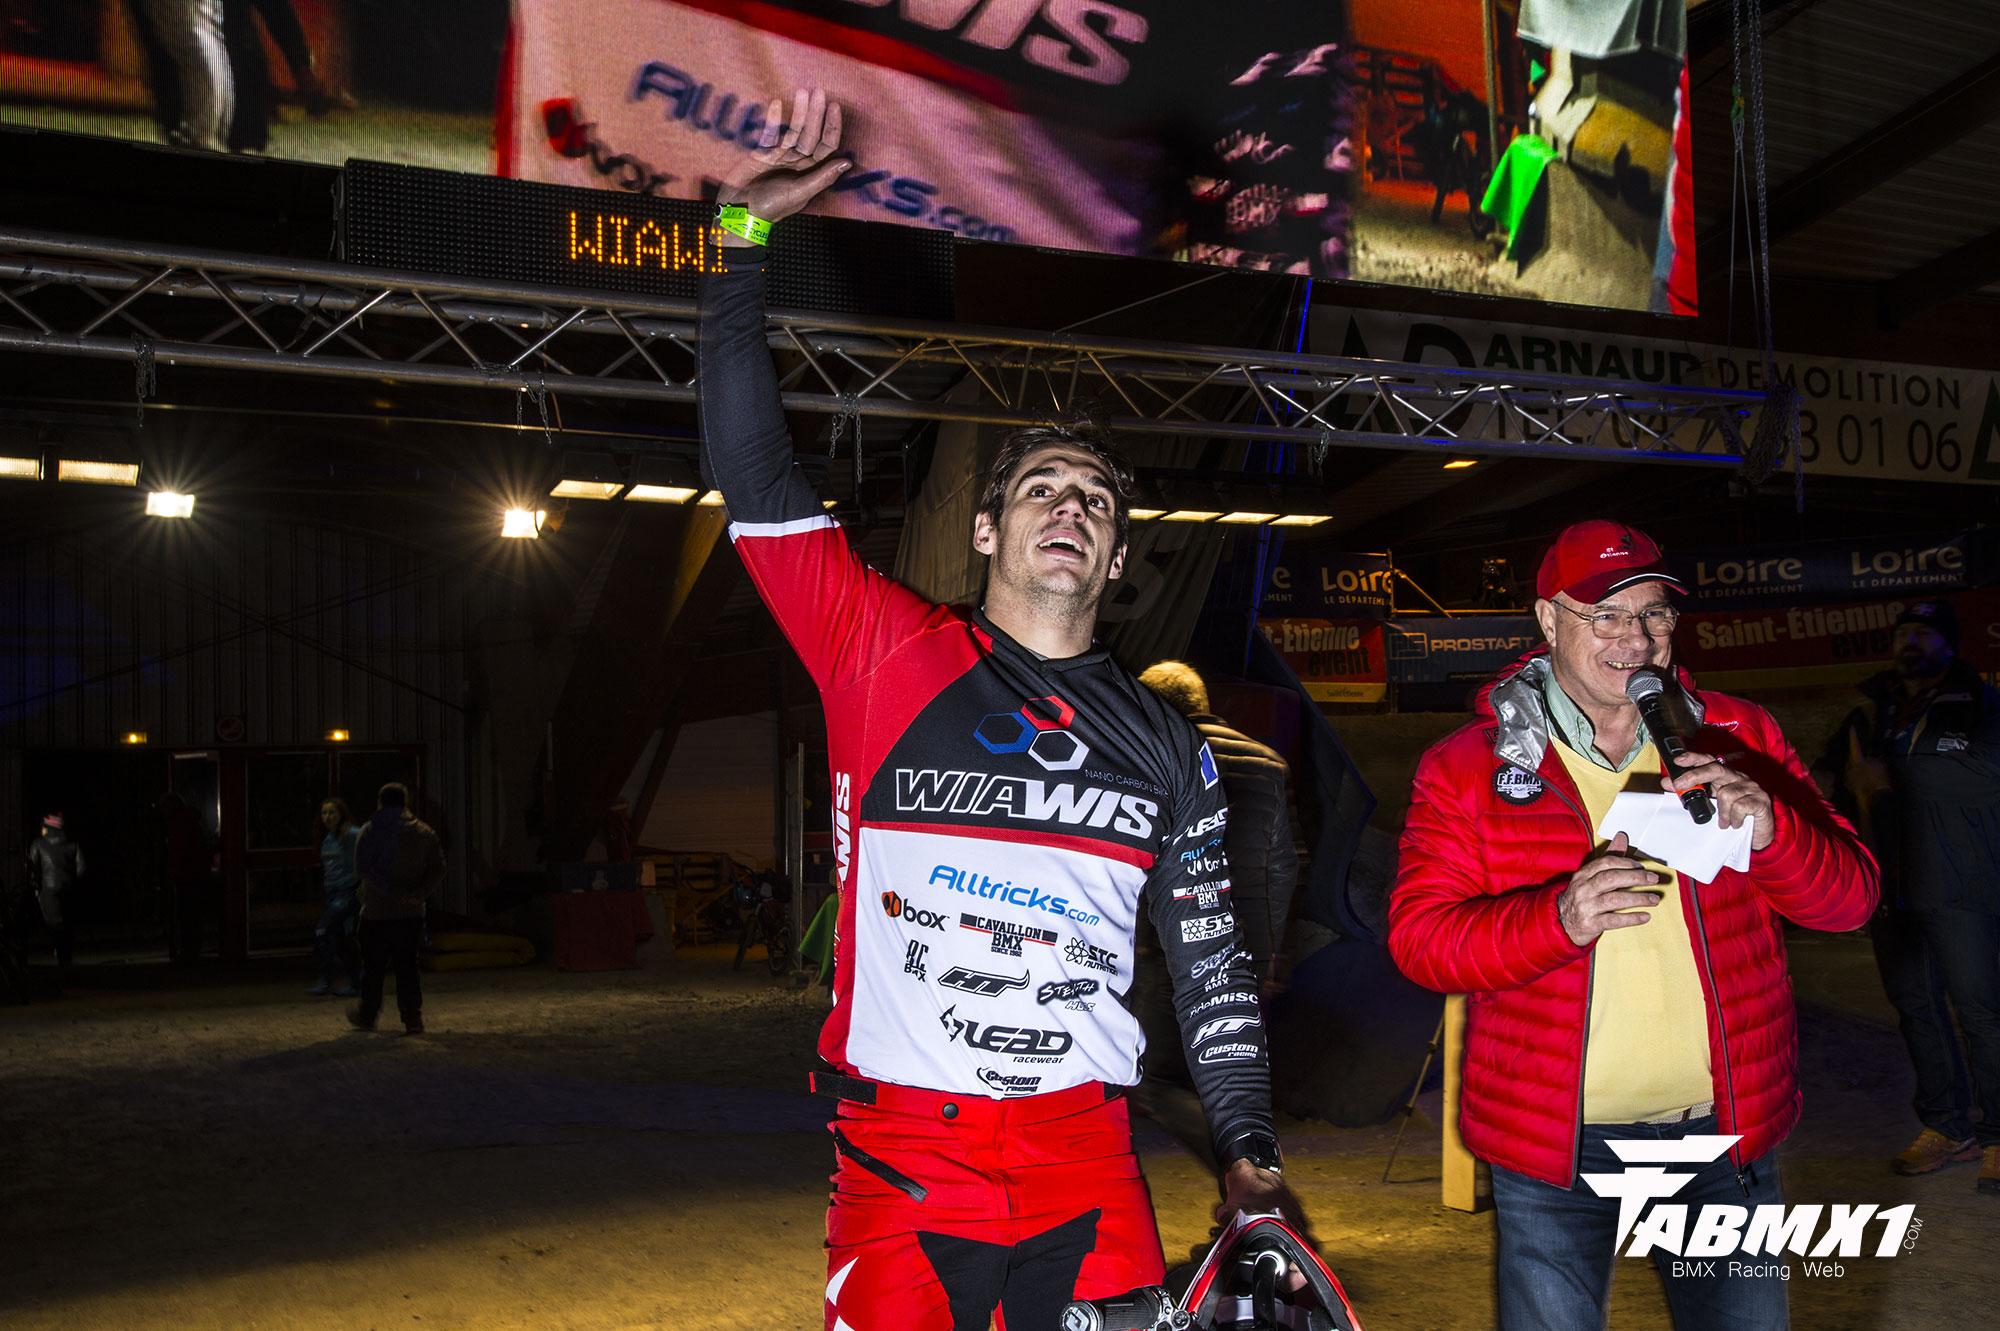 Axelle Etienne et Sylvain André gagnent le Trophée des Nations